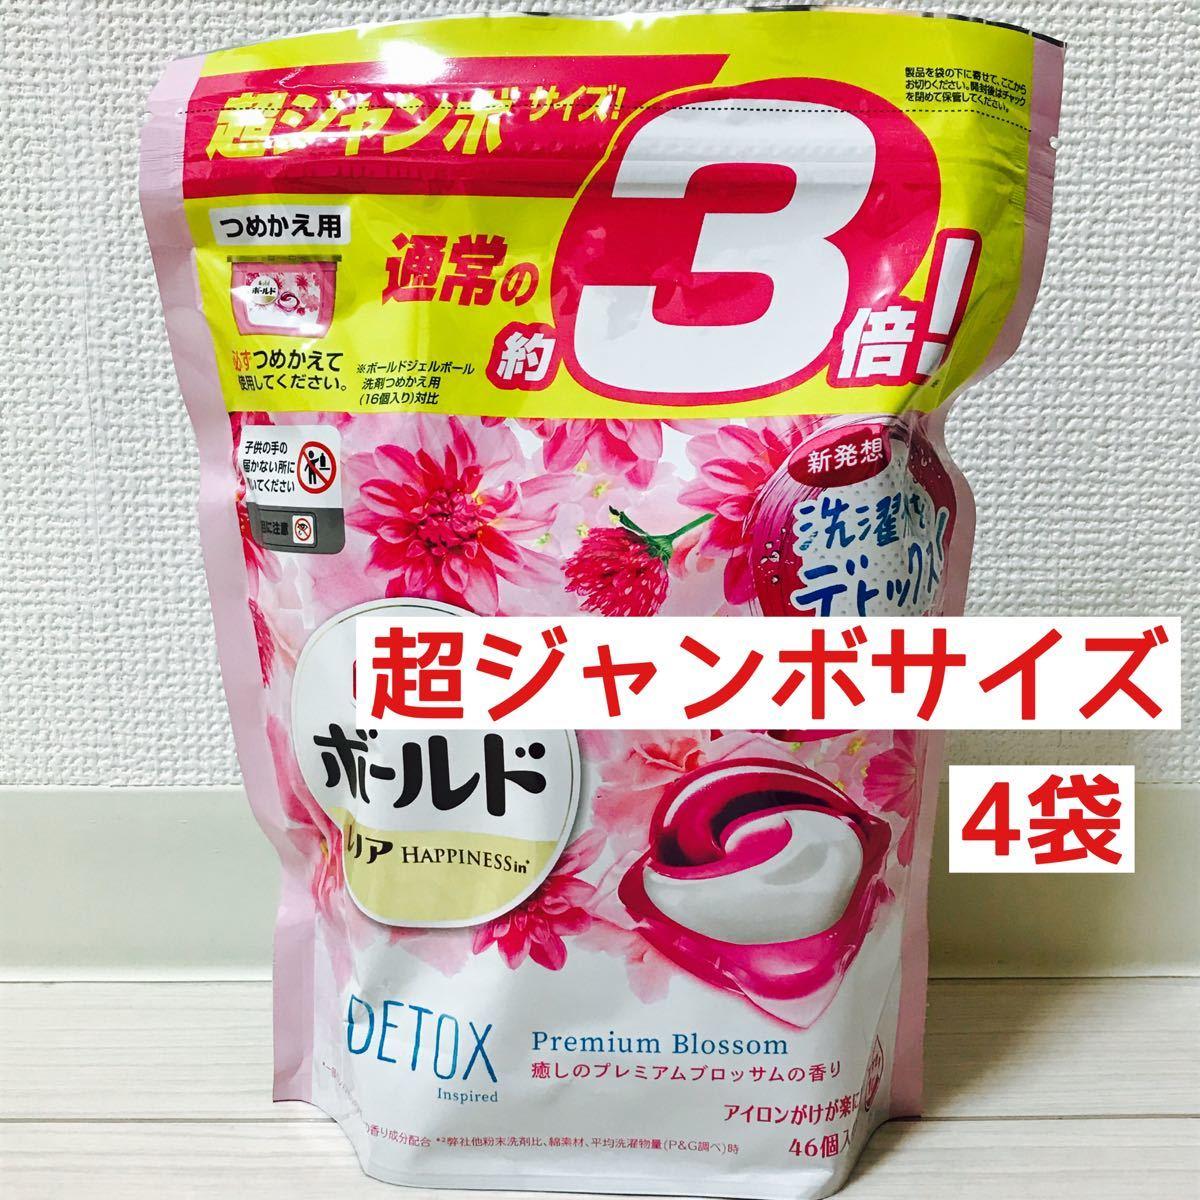 アリエール ジェルボール3D プレミアムブロッサムの香り まとめ買い 超ジャンボサイズ 4袋